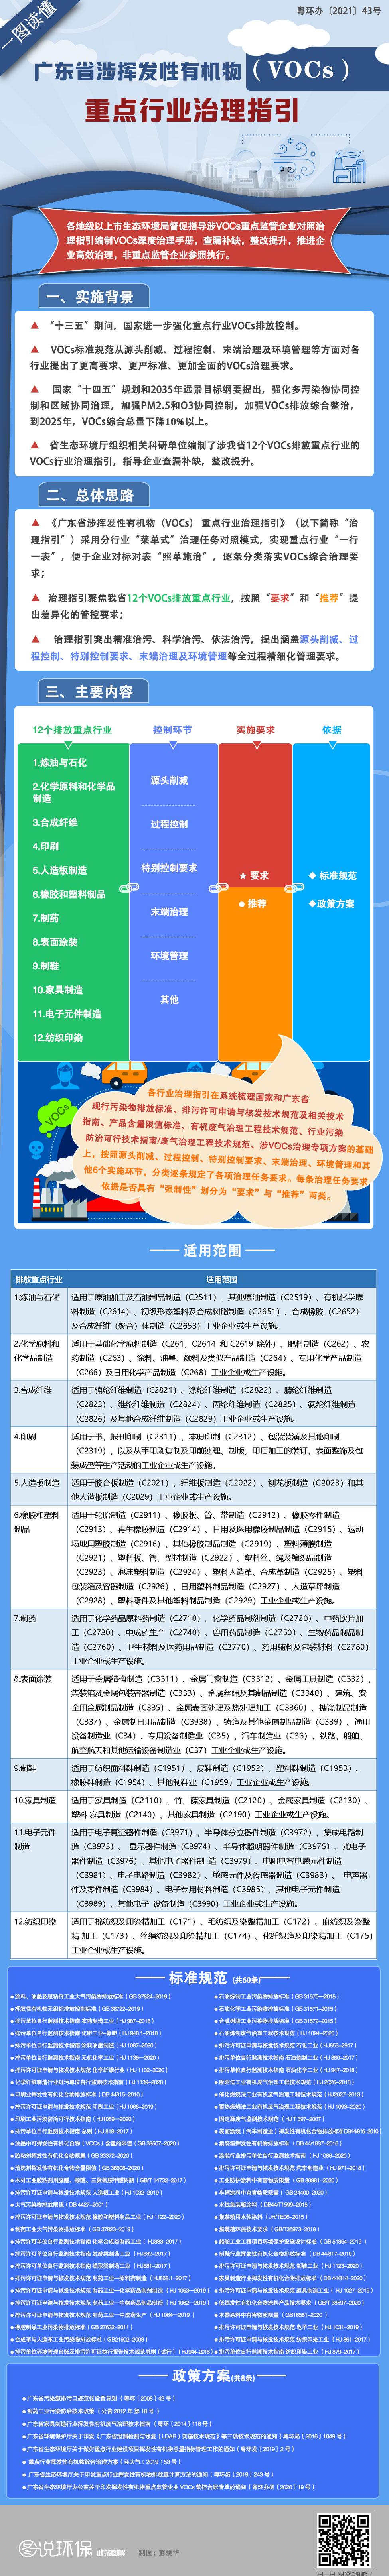 一图读懂广东省涉挥发性有机物(VOCs)重点行业治理指引.jpg